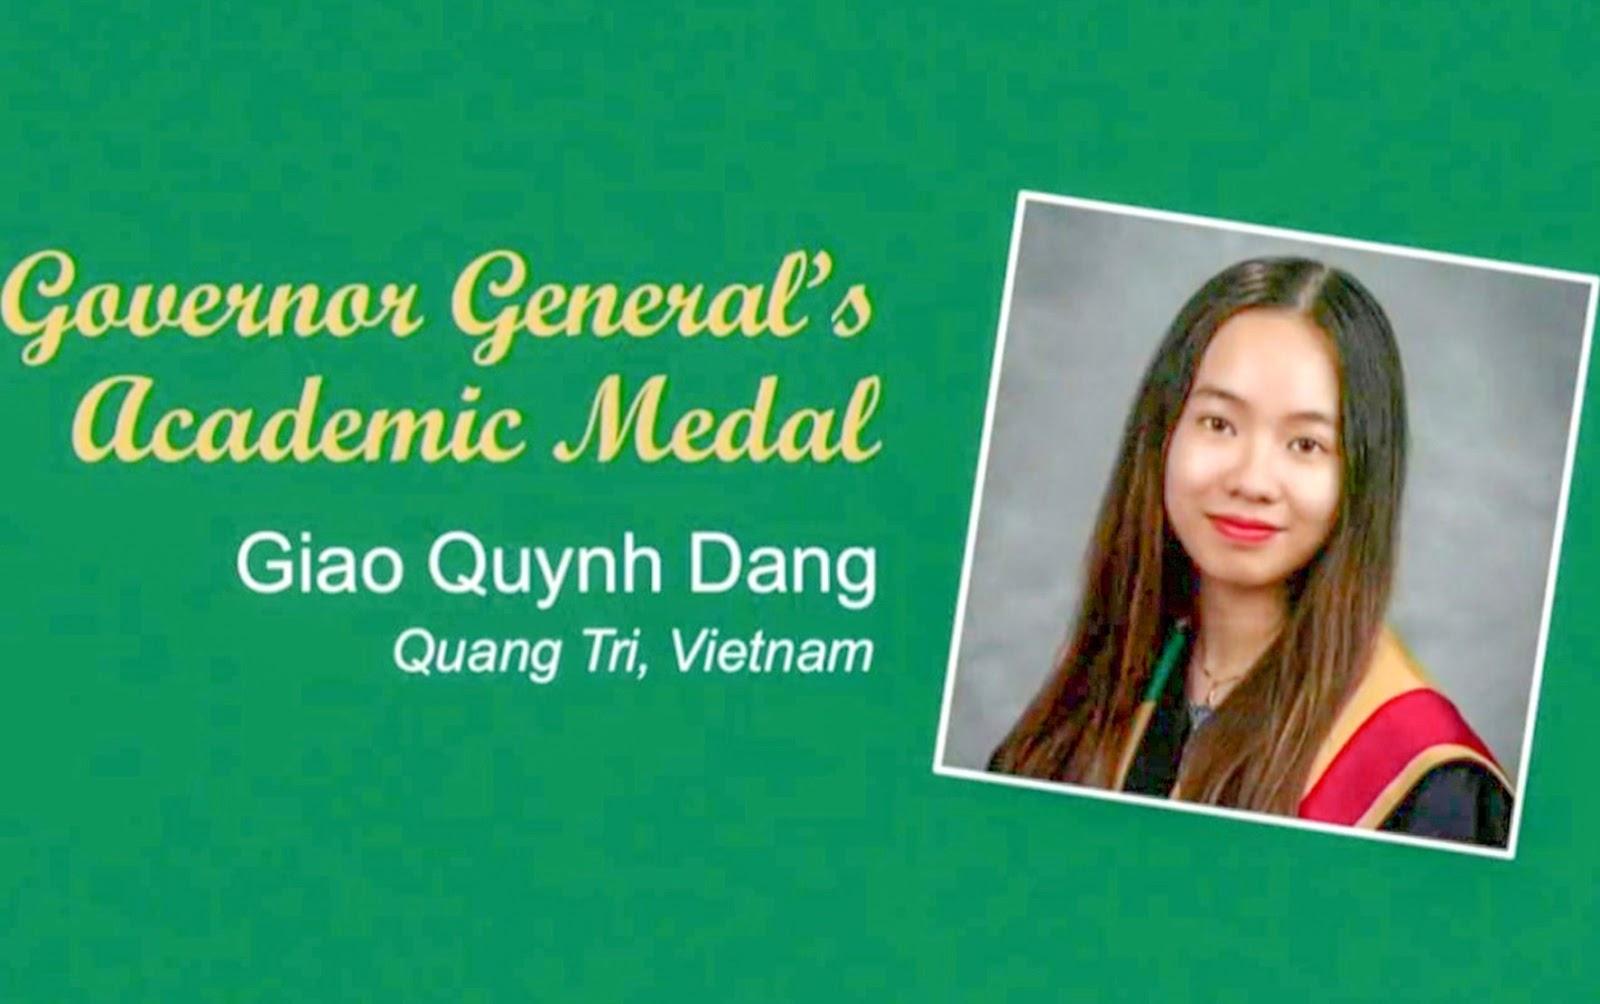 Đặng Quỳnh Giao vinh dự được nhận Huy chương toàn quyền Canada tại lễ tốt nghiệp đại học - Ảnh: NVCC